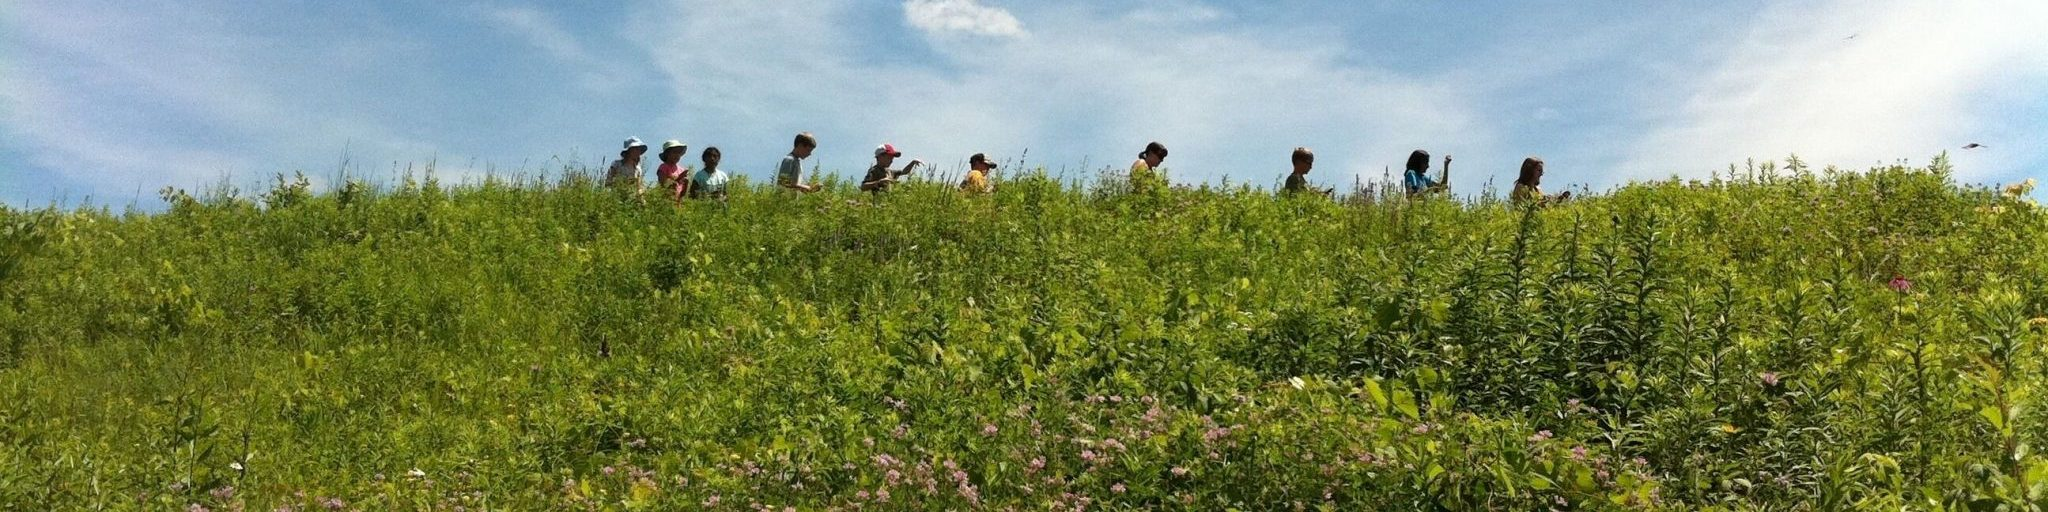 Kids in the distance walking through a prairie